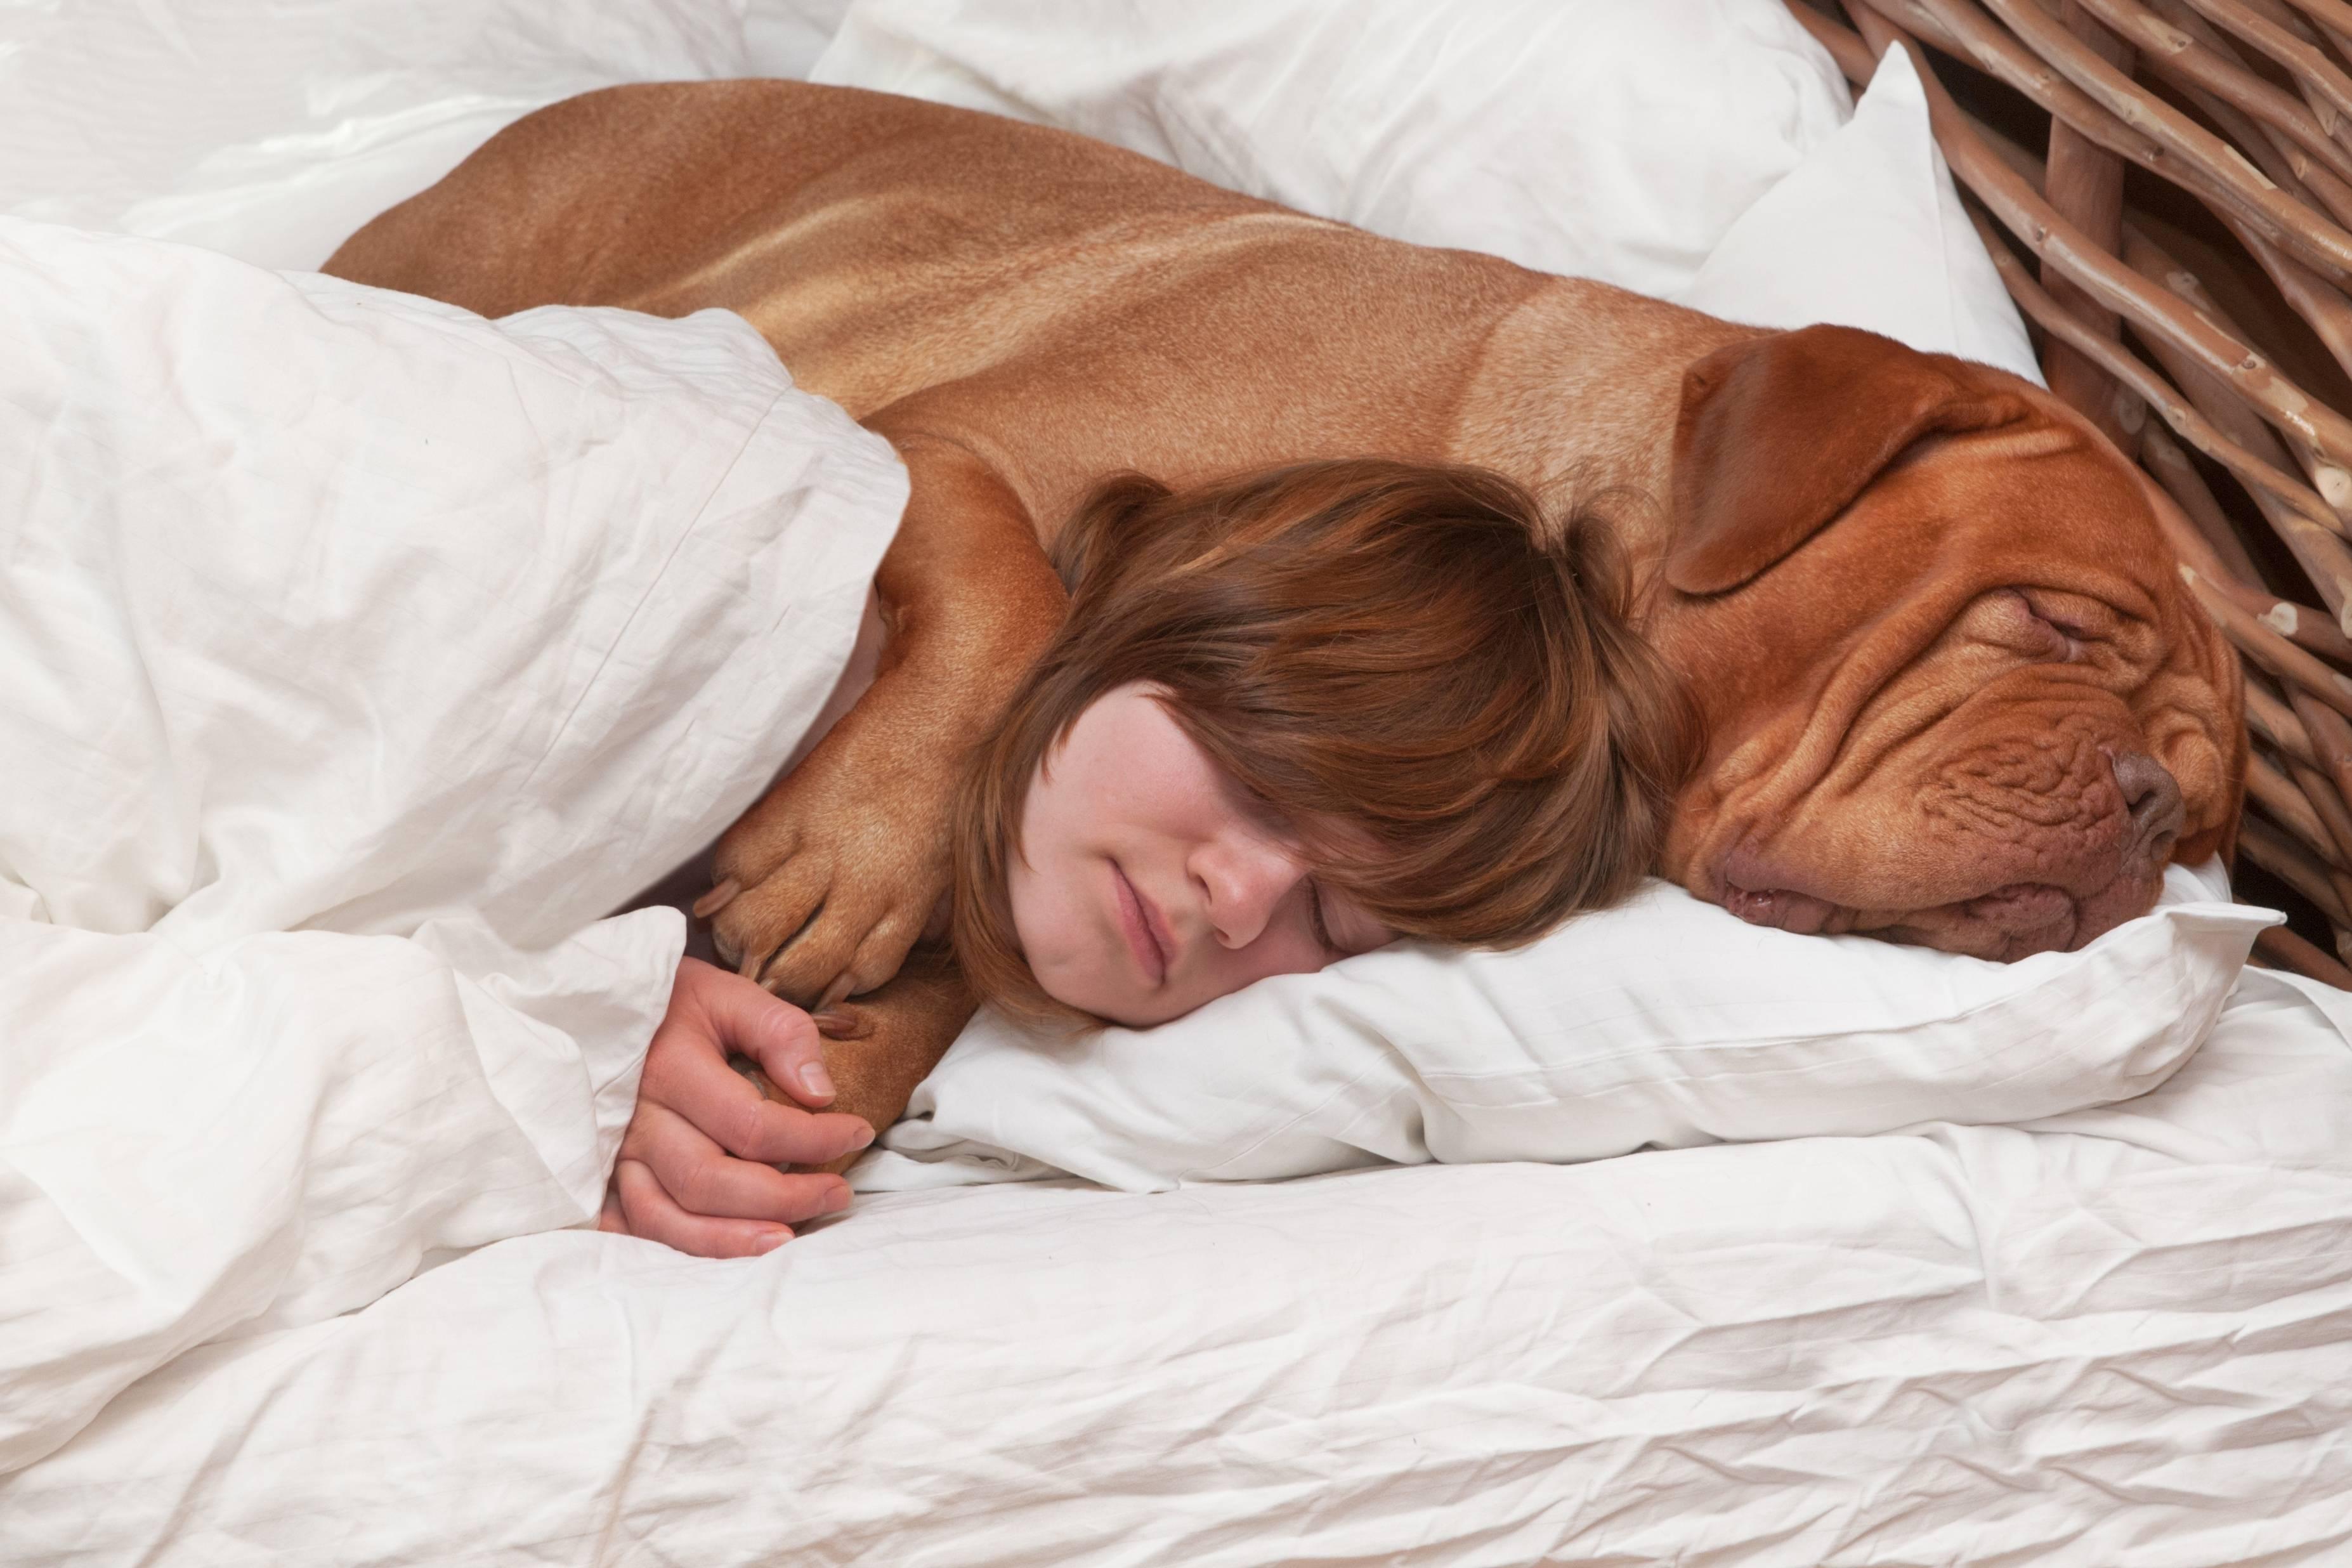 Сонник укусила собака лицо. к чему снится укусила собака лицо видеть во сне - сонник дома солнца